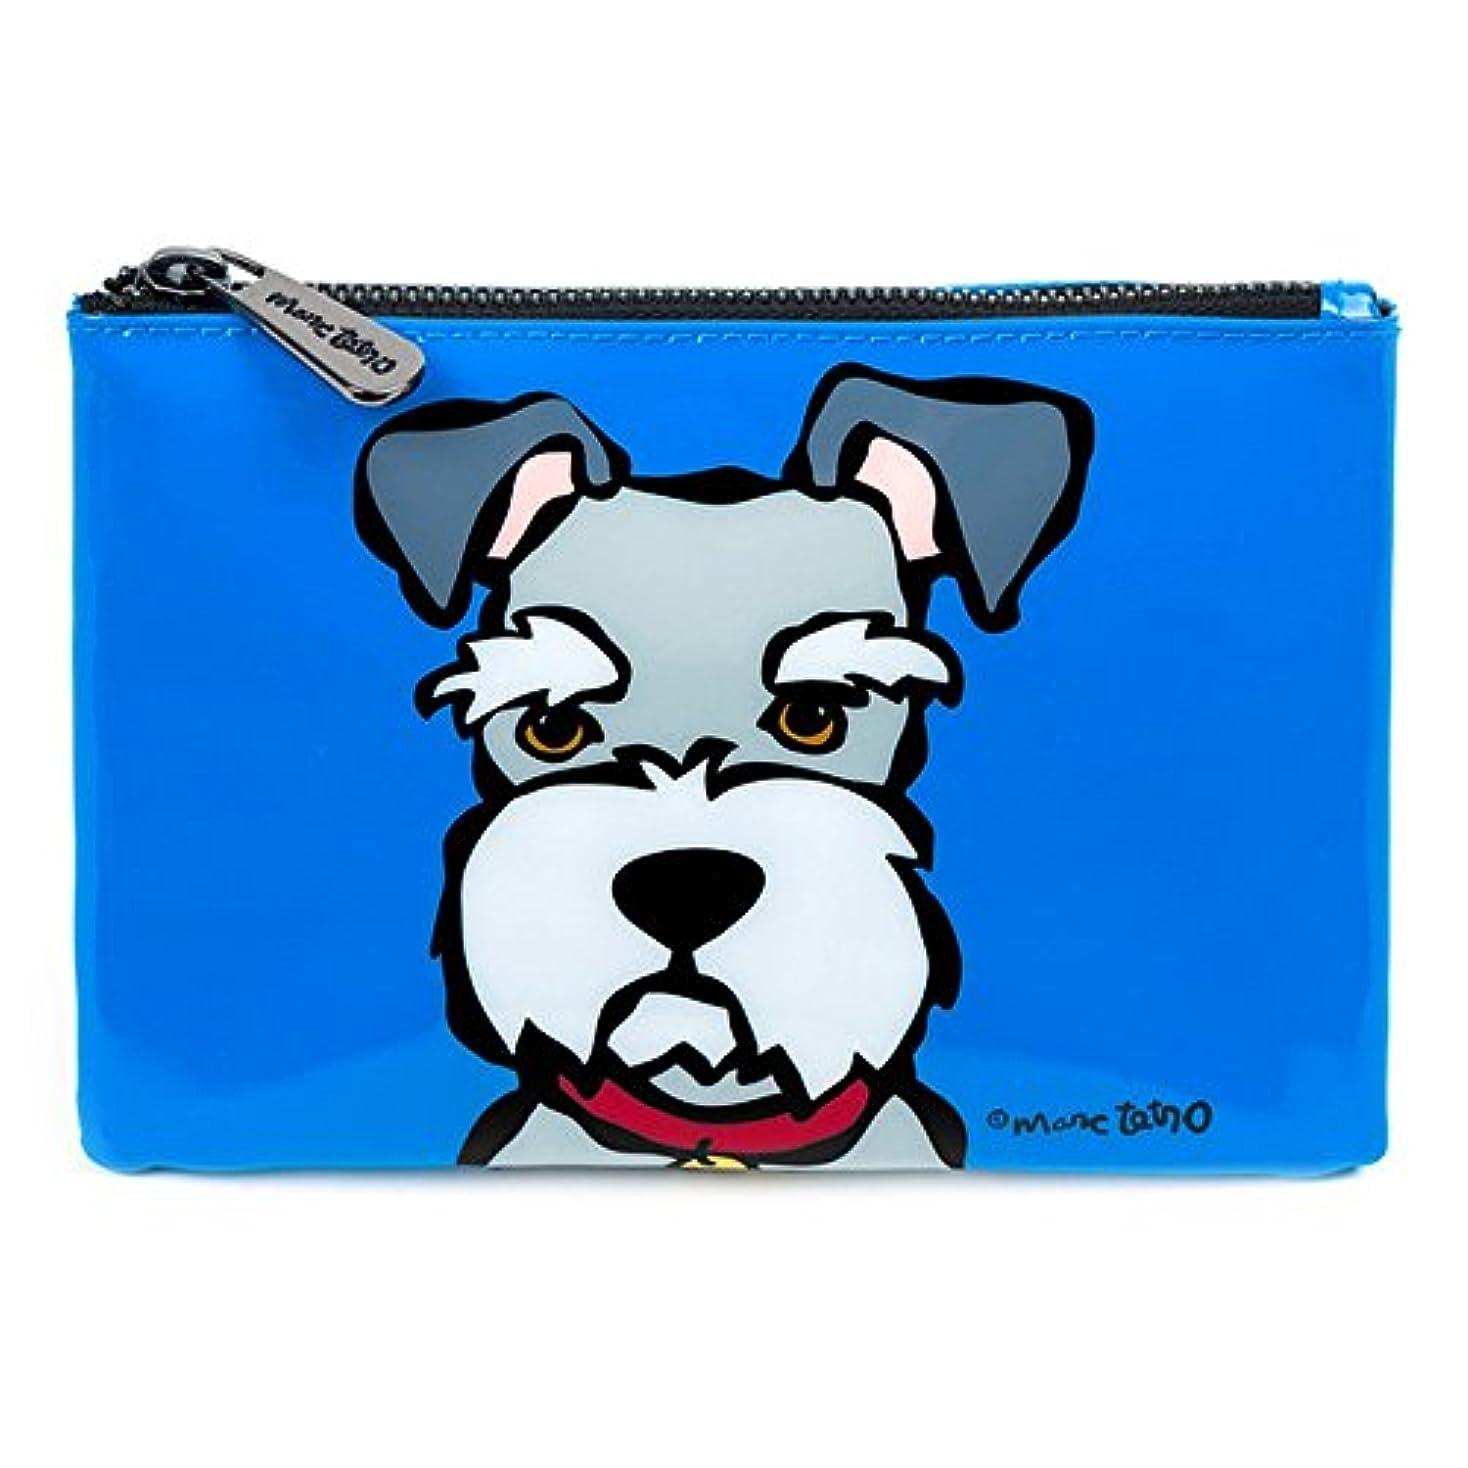 申請者古風なキャストシュナウザー コスメバッグ 防水PVC ファスナー式 化粧ポーチ 小物入れ 13.5cm x 19cm 犬デザイン ミニバッグ Cosmetic Bag